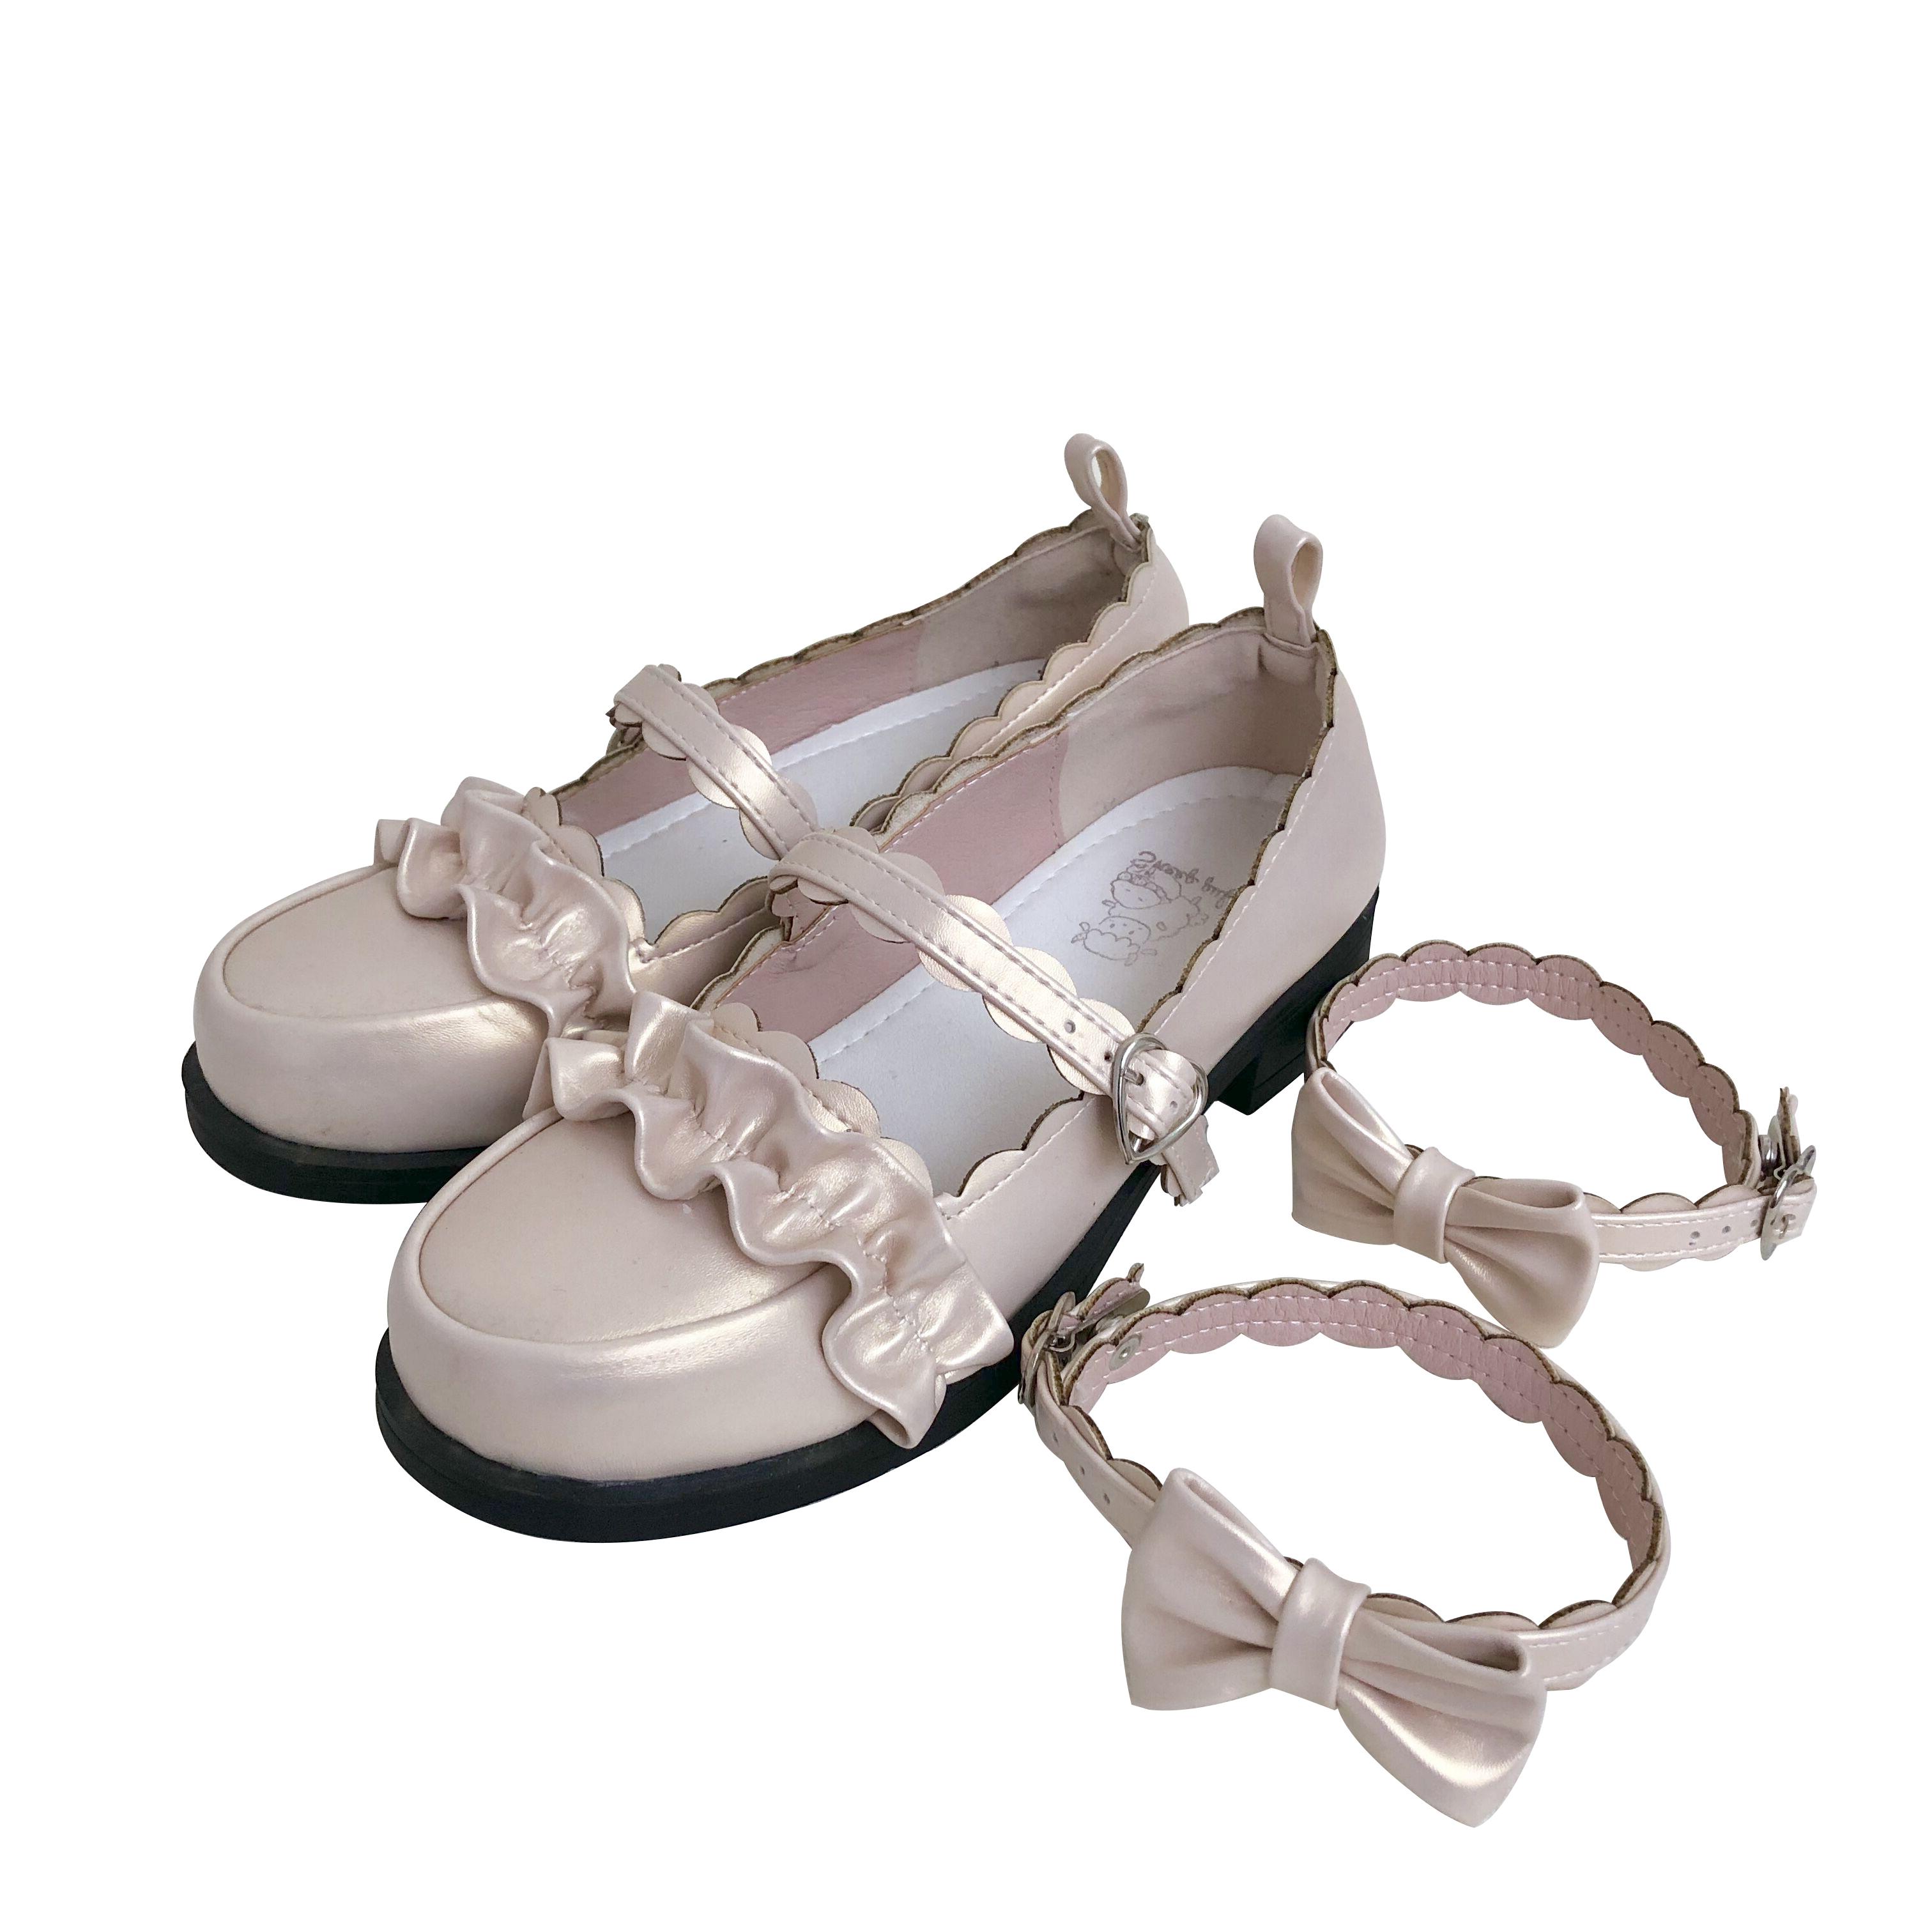 【现货】低跟梅露露 绵羊泡芙原创Lolita鞋日系花边圆头学生鞋